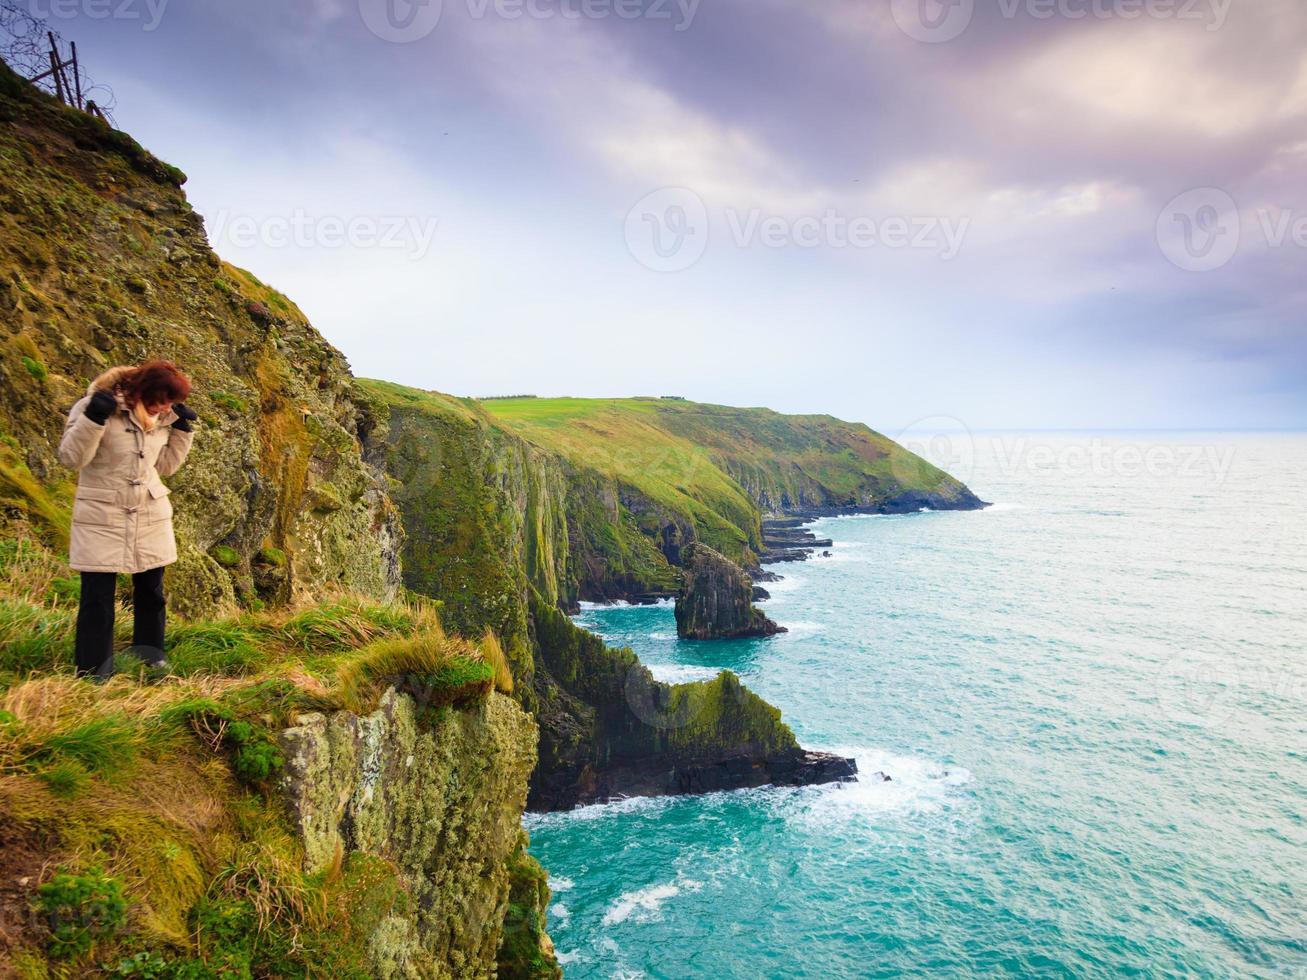 costa atlántica irlandesa. mujer turista de pie sobre un acantilado de roca foto